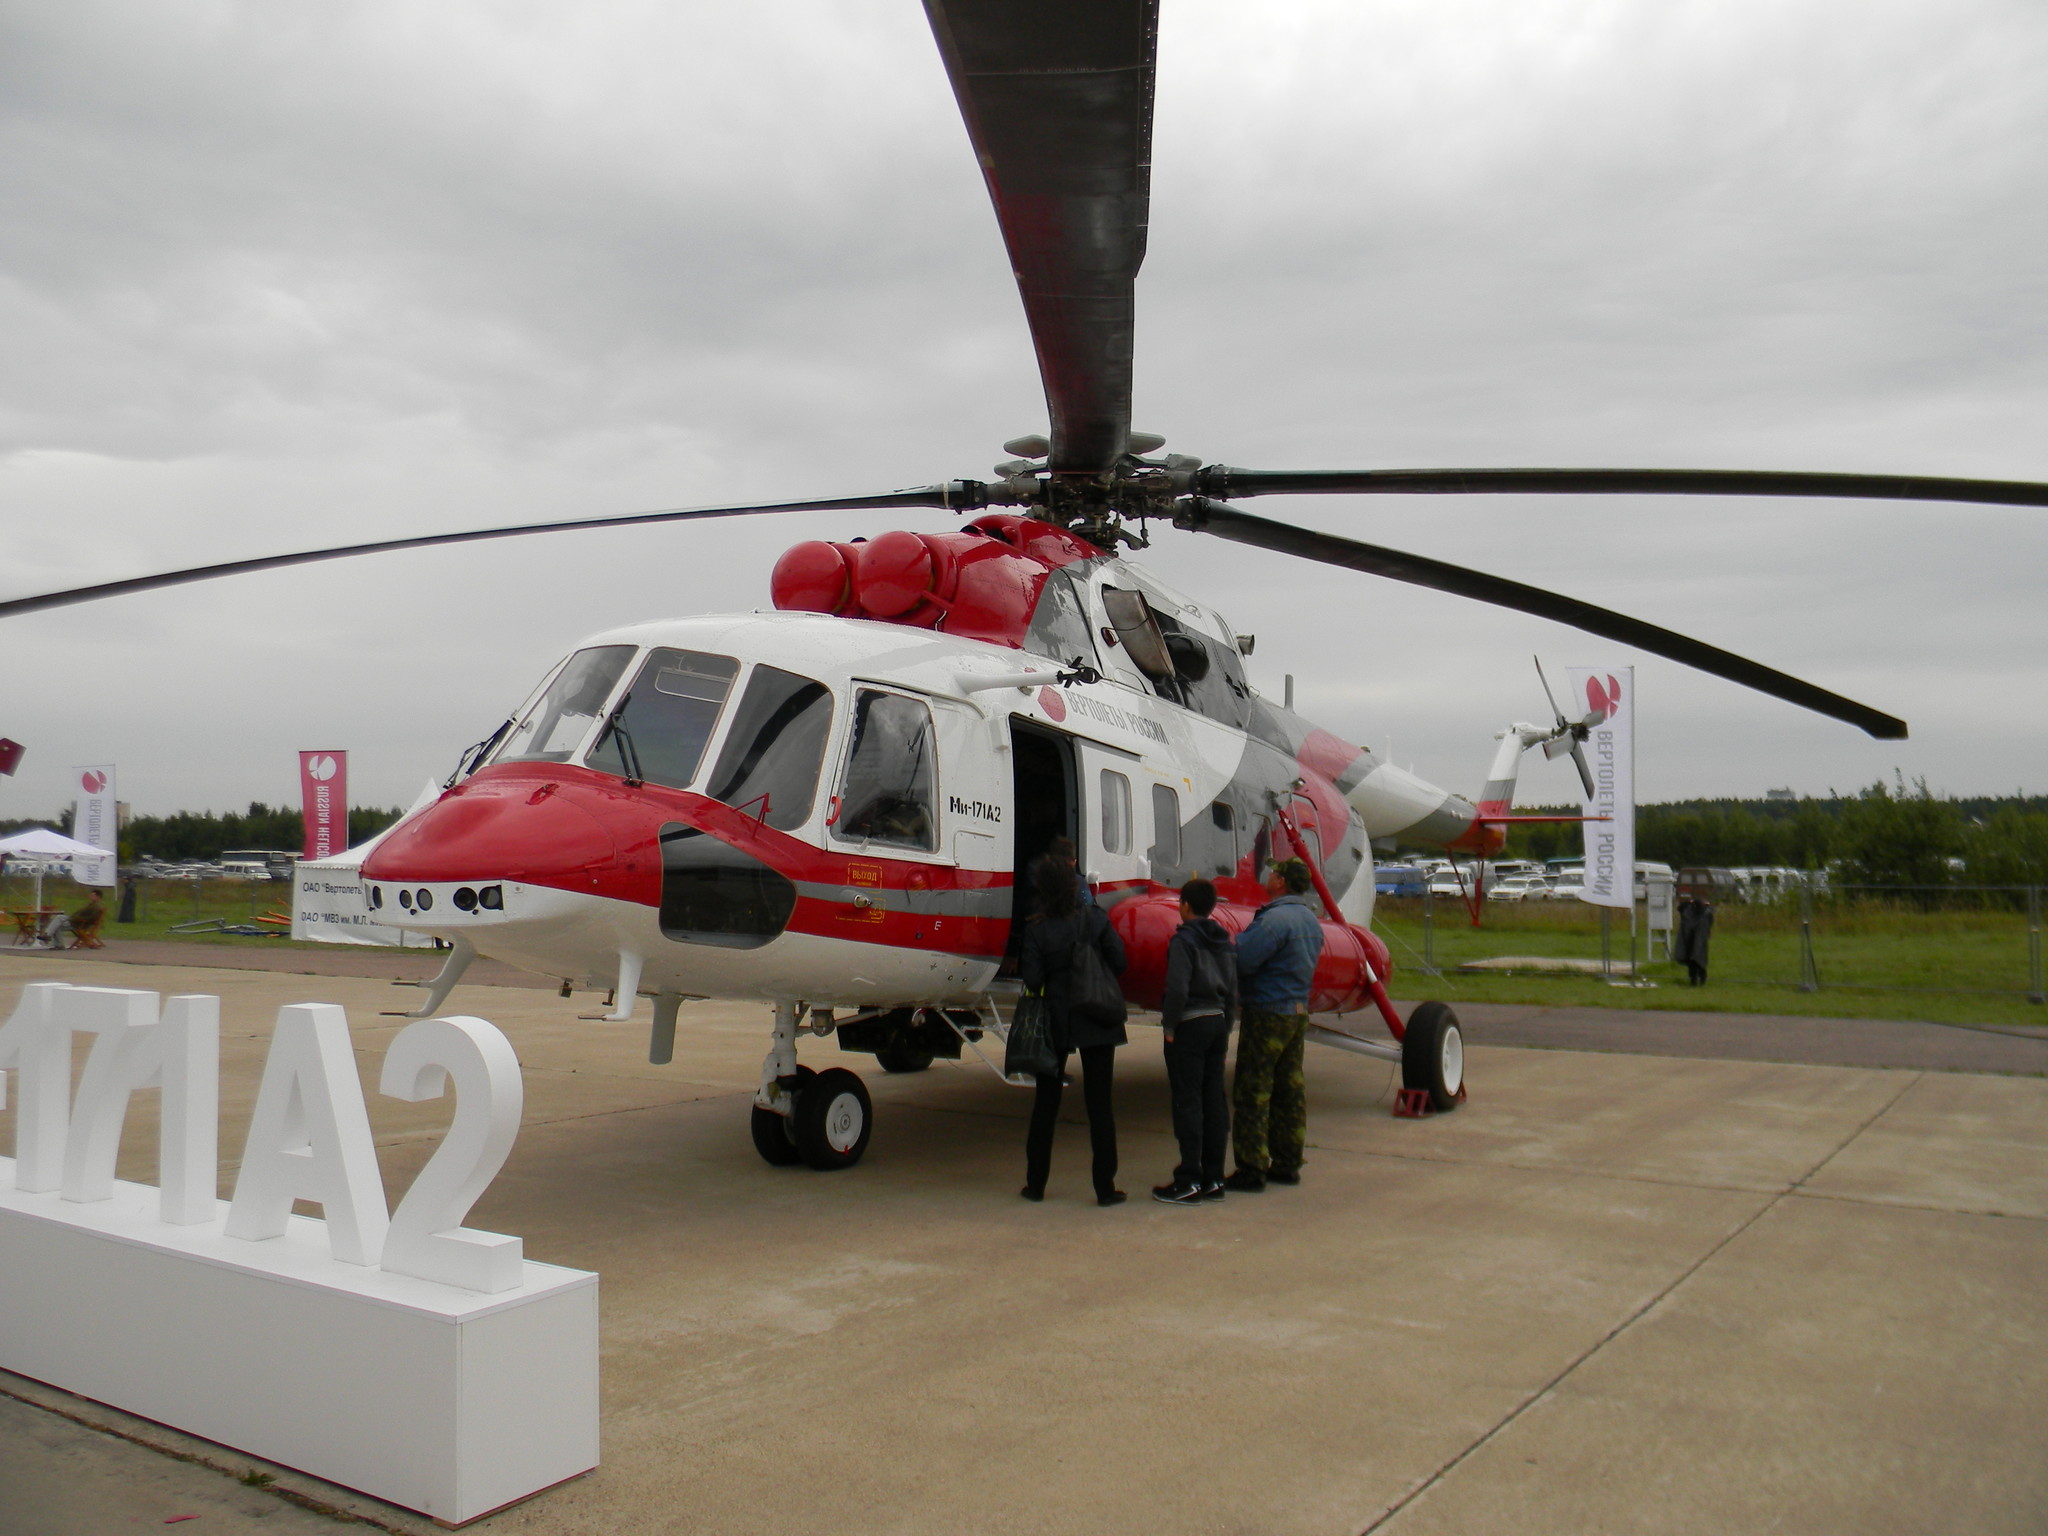 Вертолёт Ми-171А2, который был представлен на Международном авиационно-космическом салоне в Жуковском в 2013 году